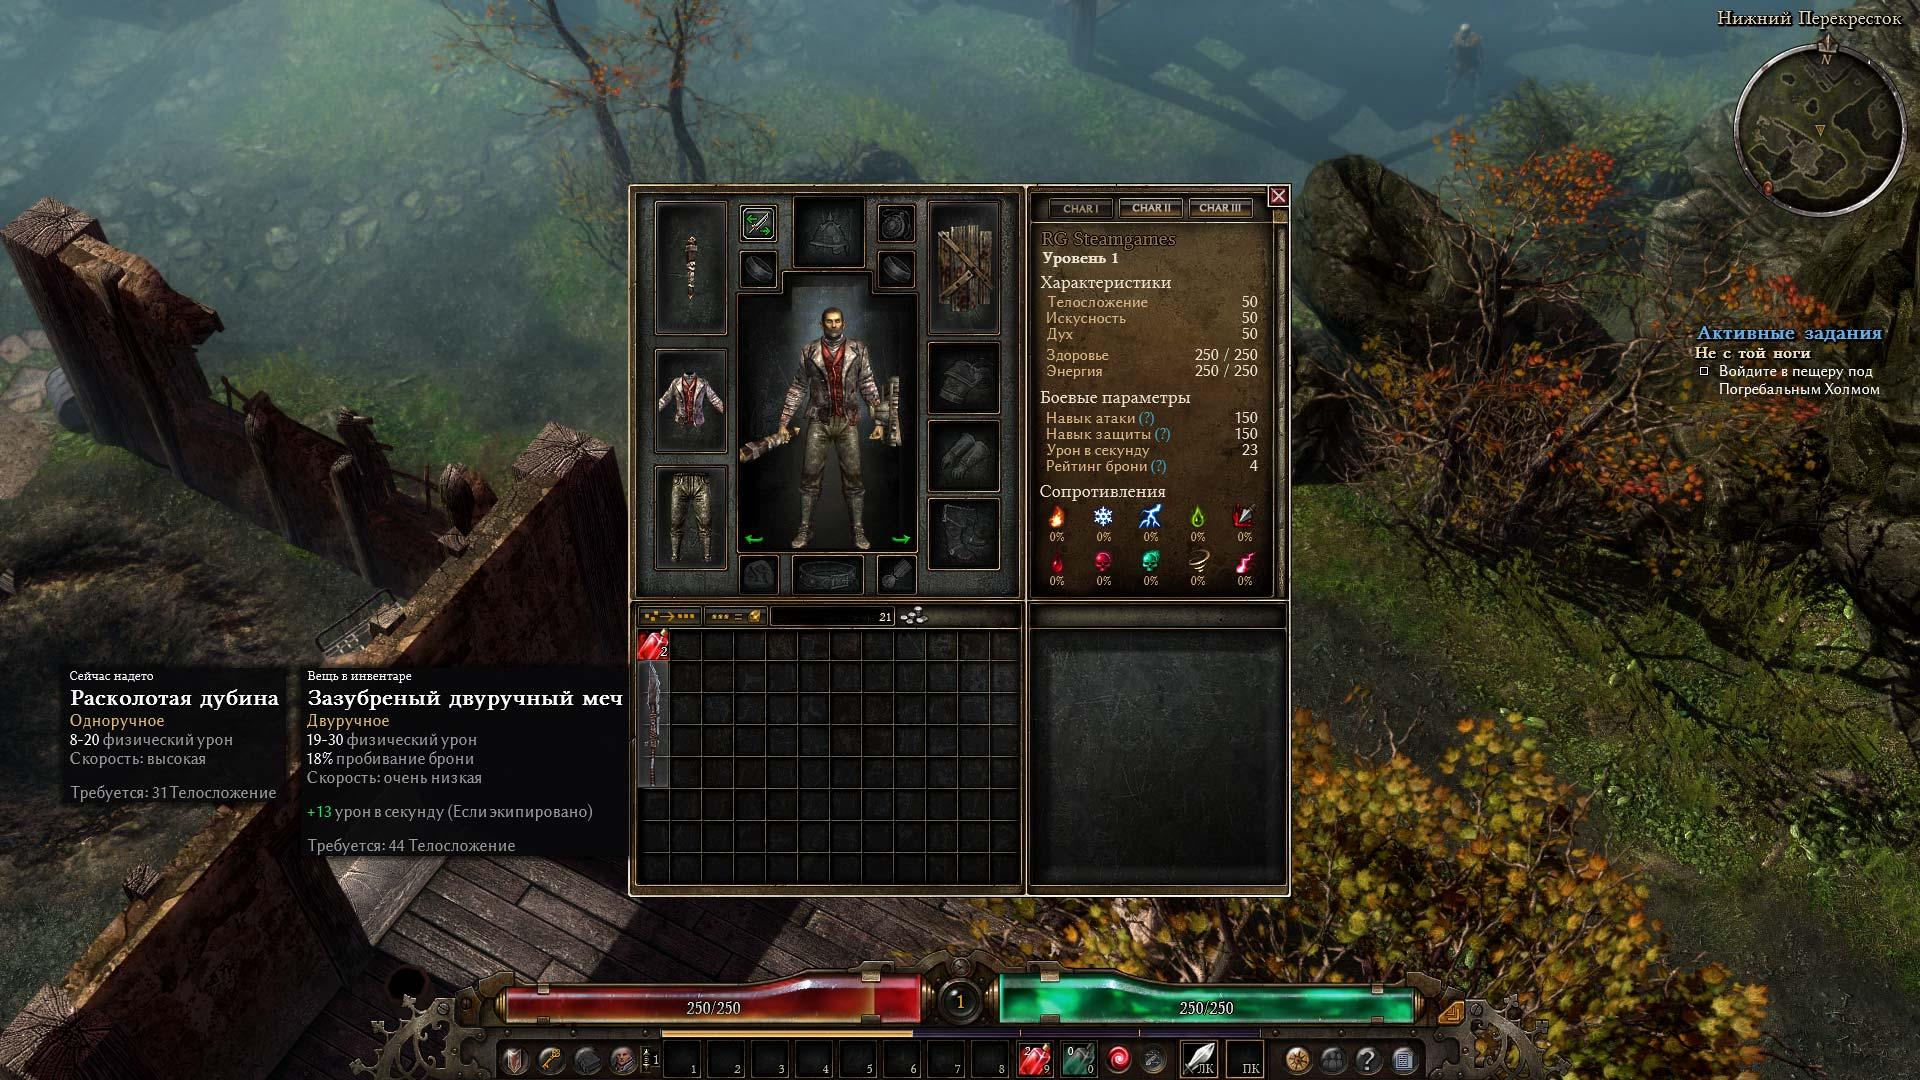 Скачать игры RPG через торрент